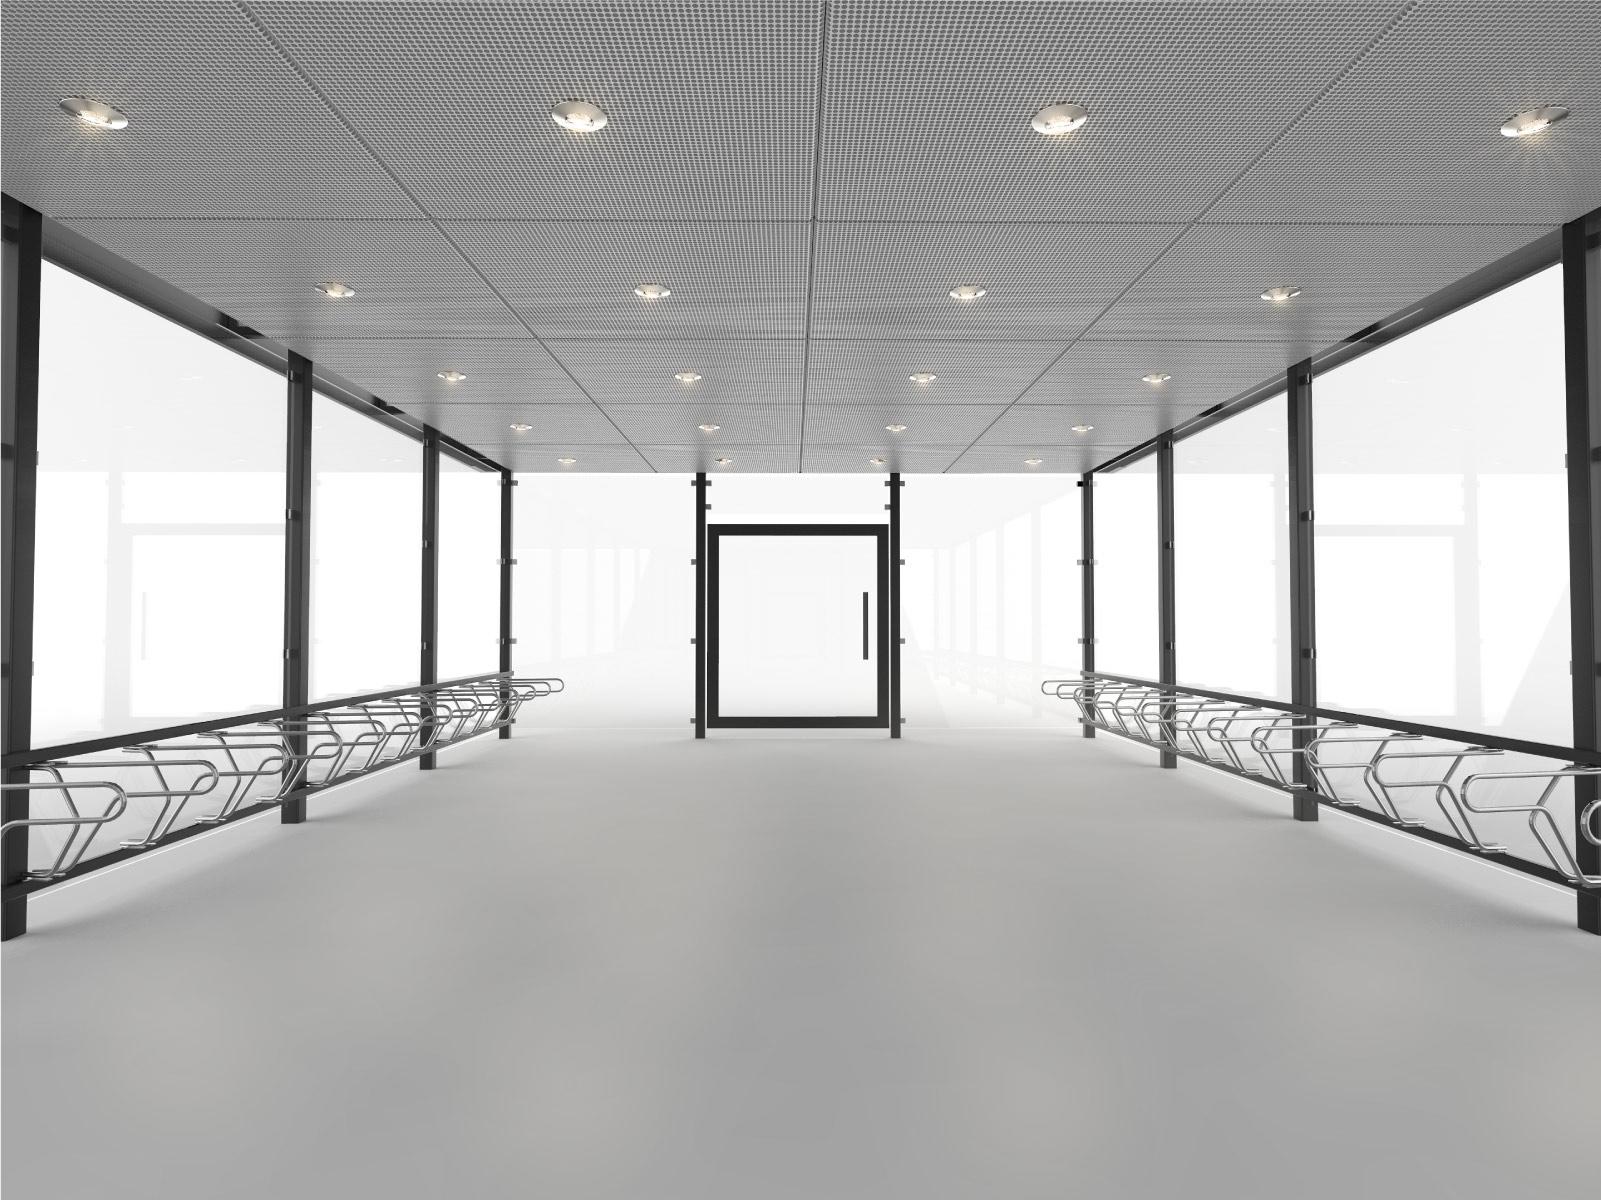 Inifrån-rendering av cykelgarage LINK för offentlig miljö med tänd LED-belysning